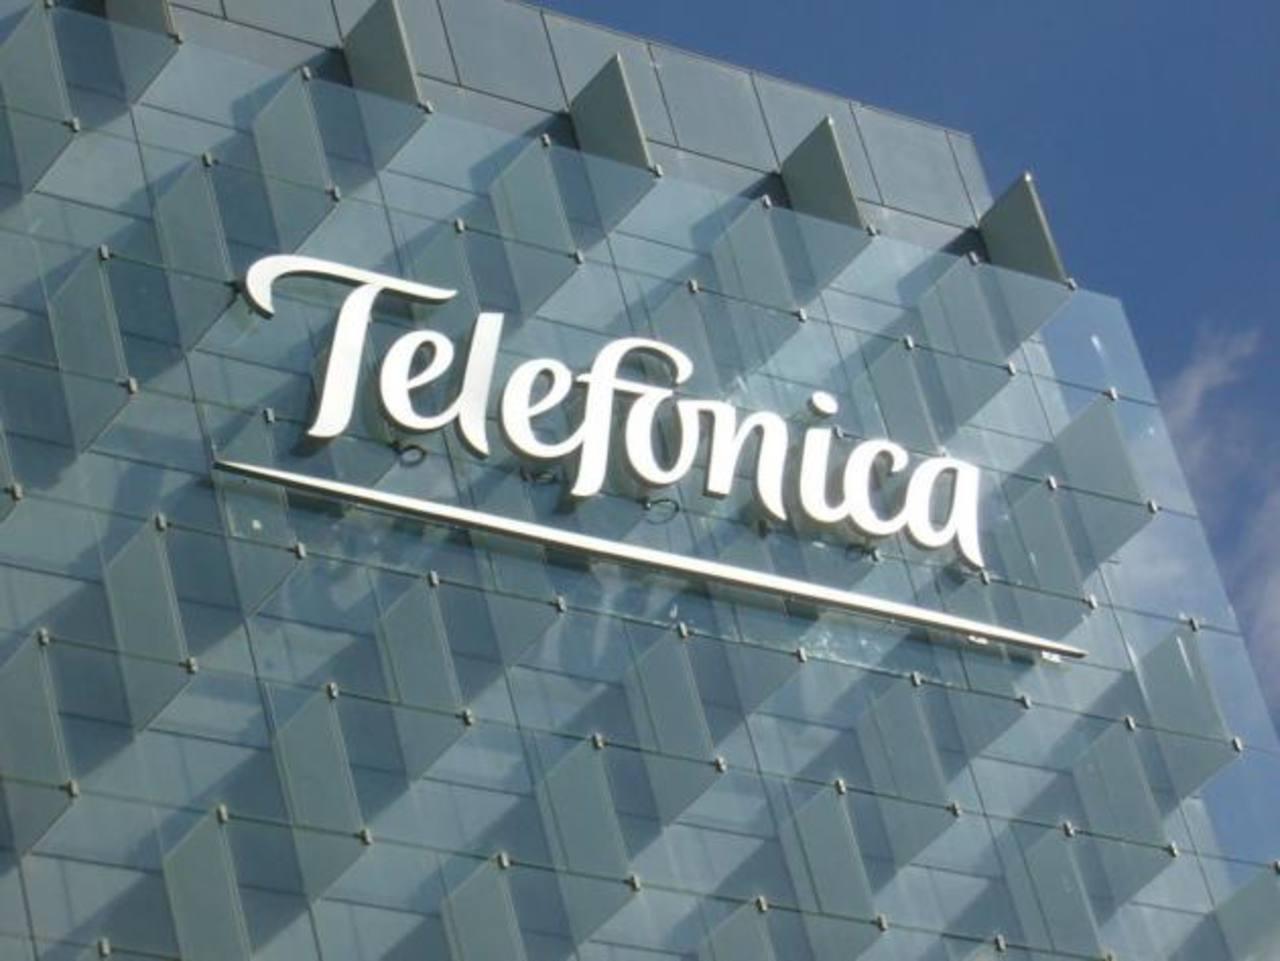 Para Fitch, Telefónica continúa siendo uno de los operadores con uno de los perfiles más diversificados de los operadores de telefonía